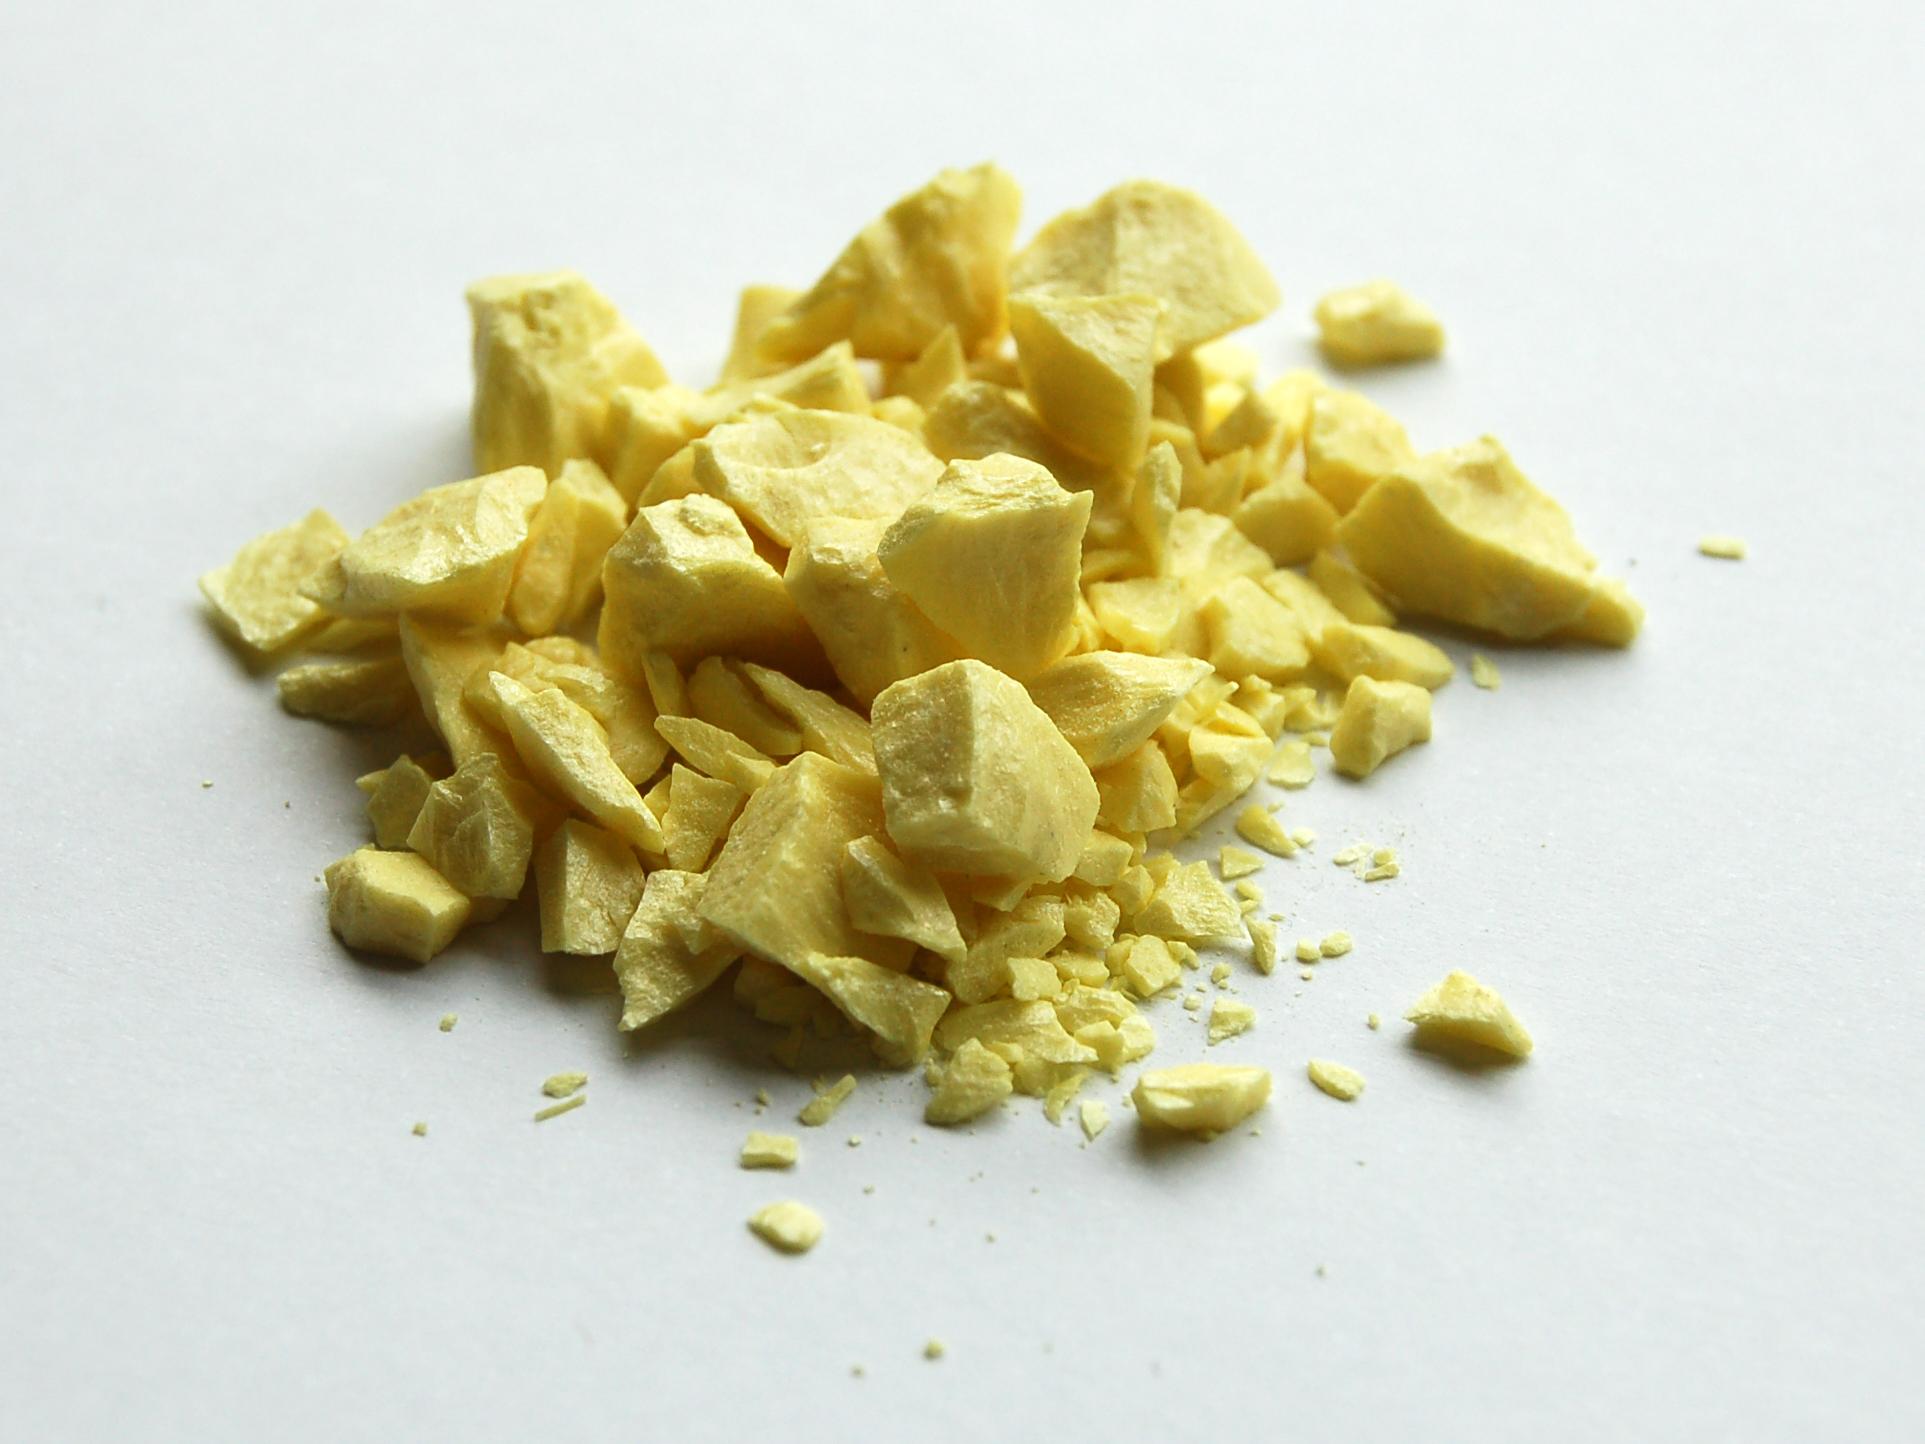 أسرار معدن الكبريت وأهميته في تنقية وتصفية الجسم